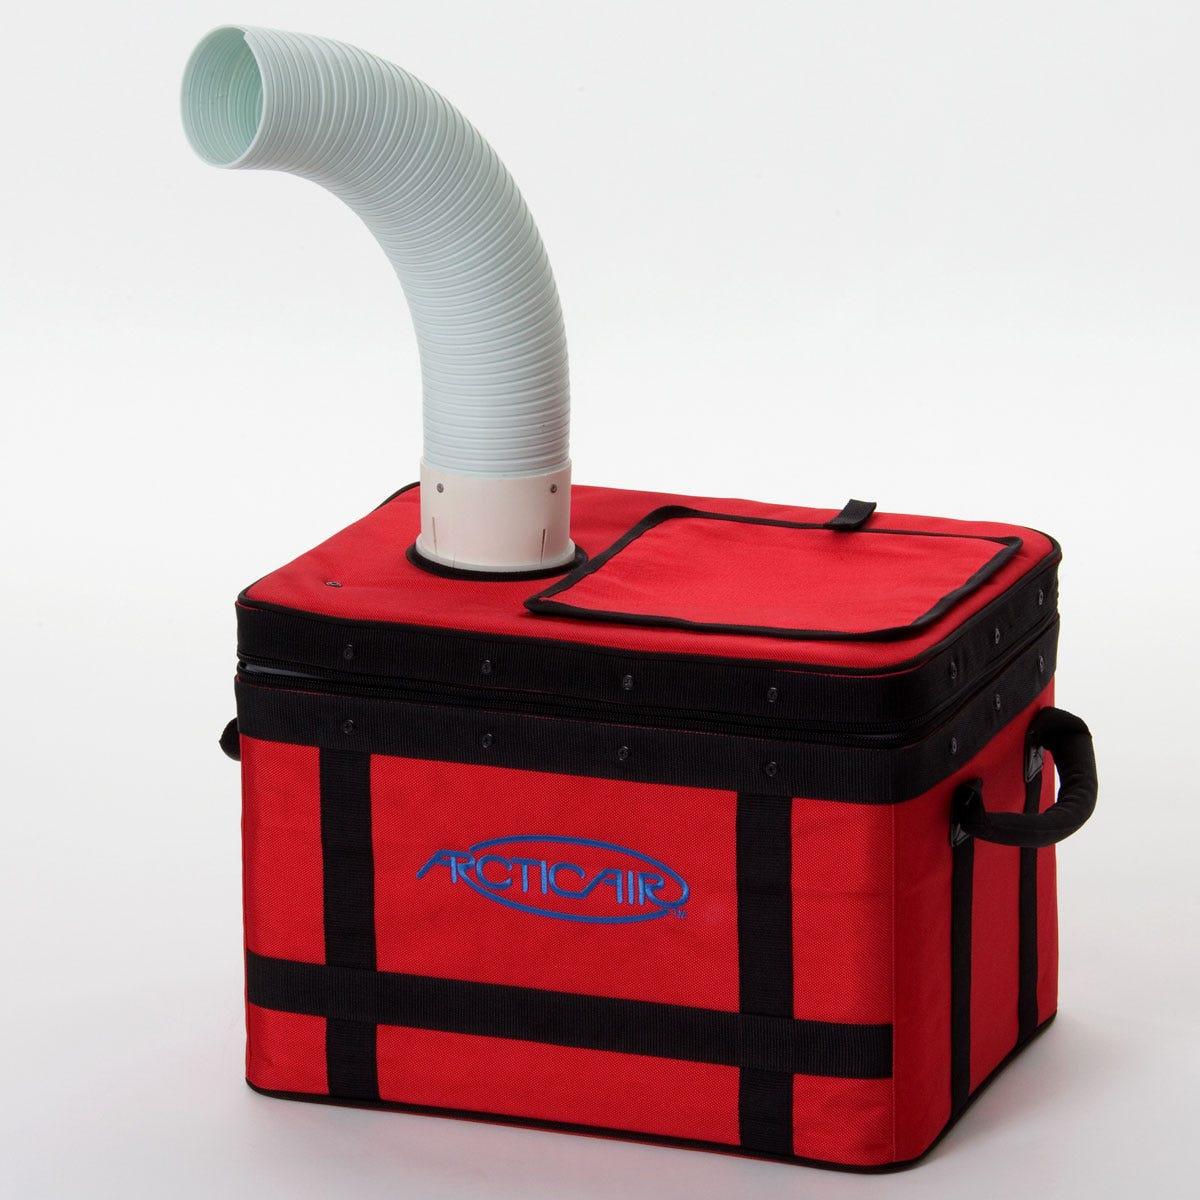 Arctic Air Portable Air Conditioner (38 qt. single fan 12 volt  #861019